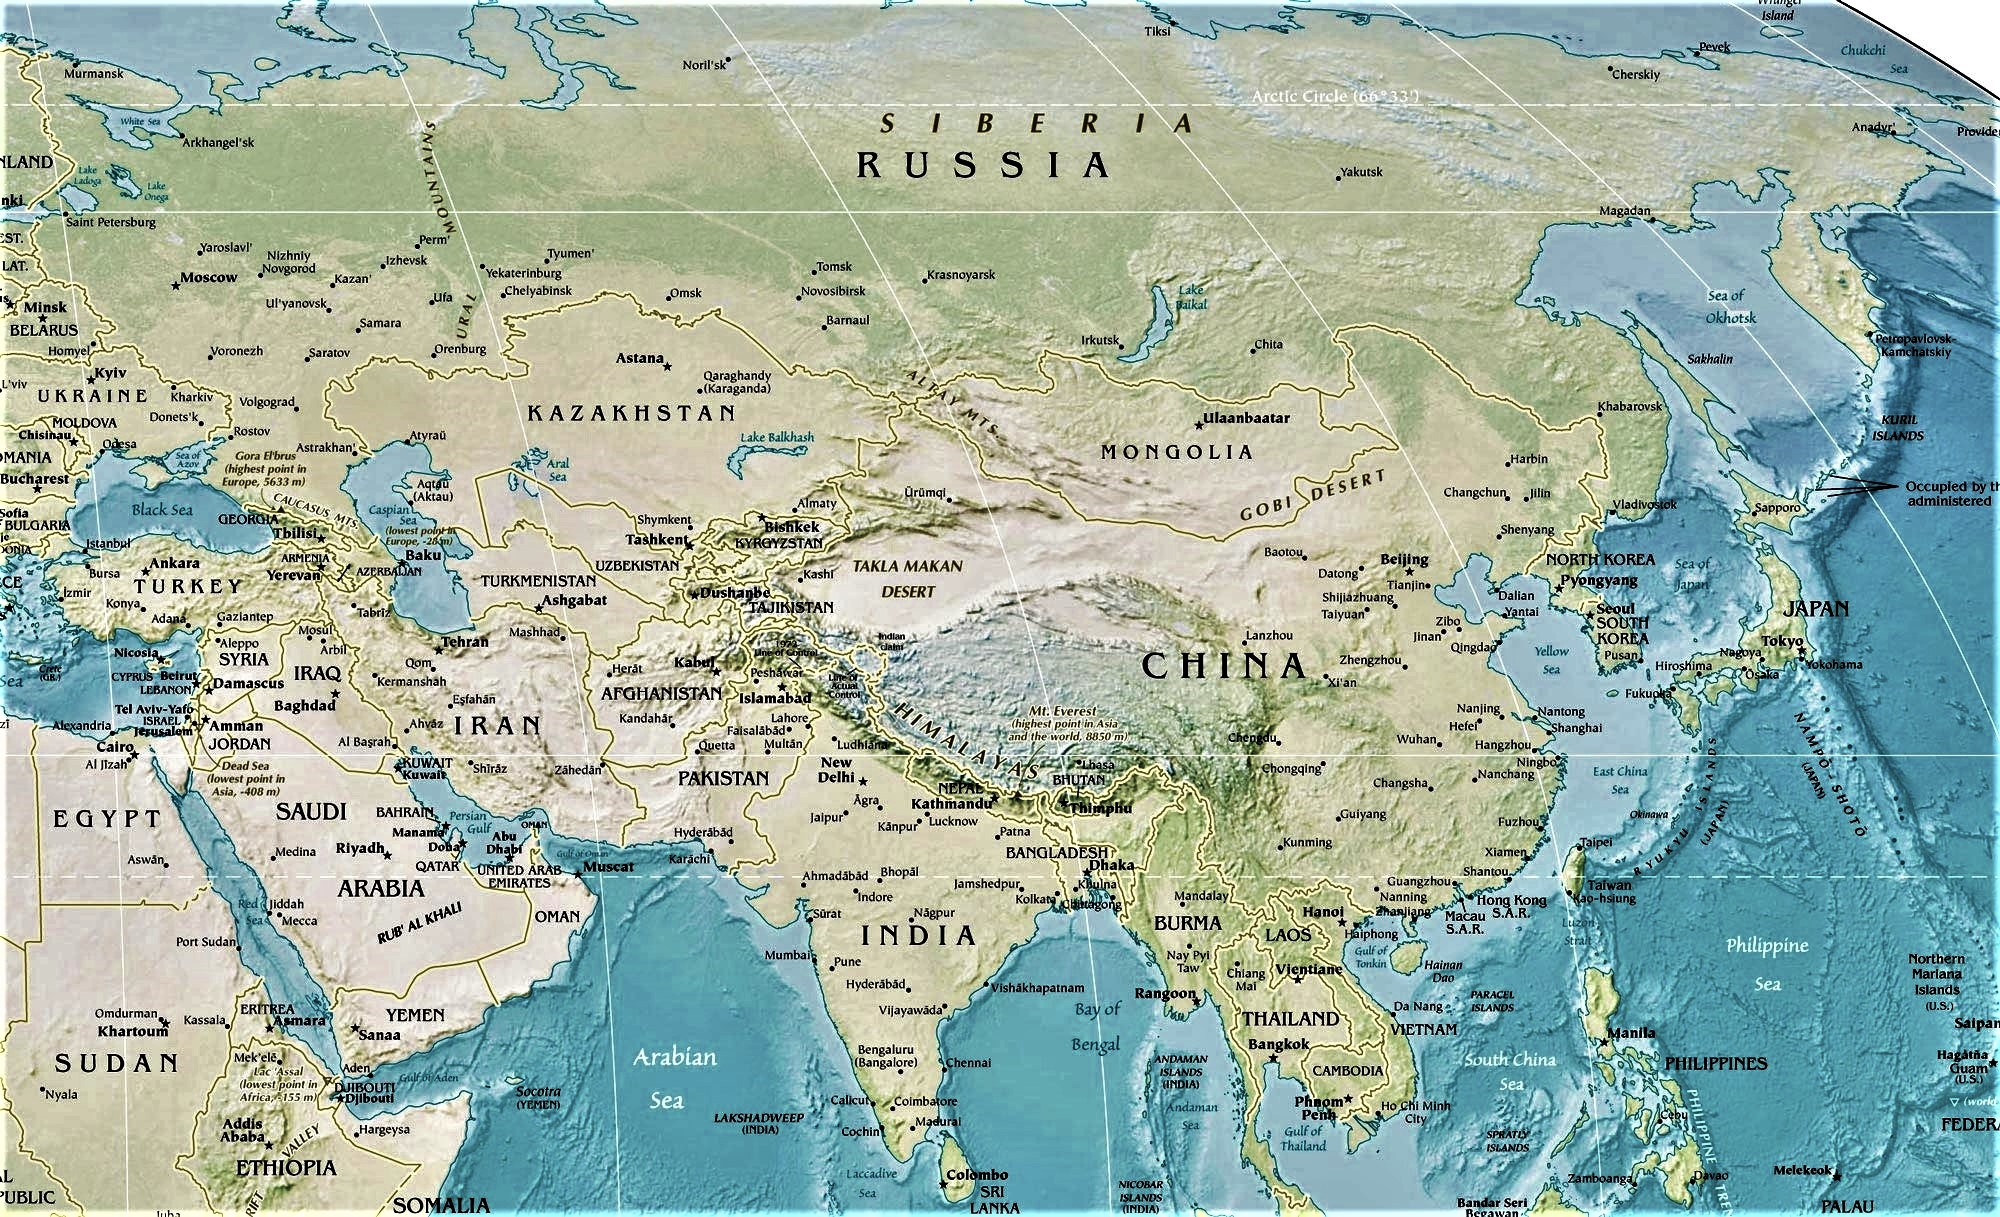 mapa de asia fisico politico